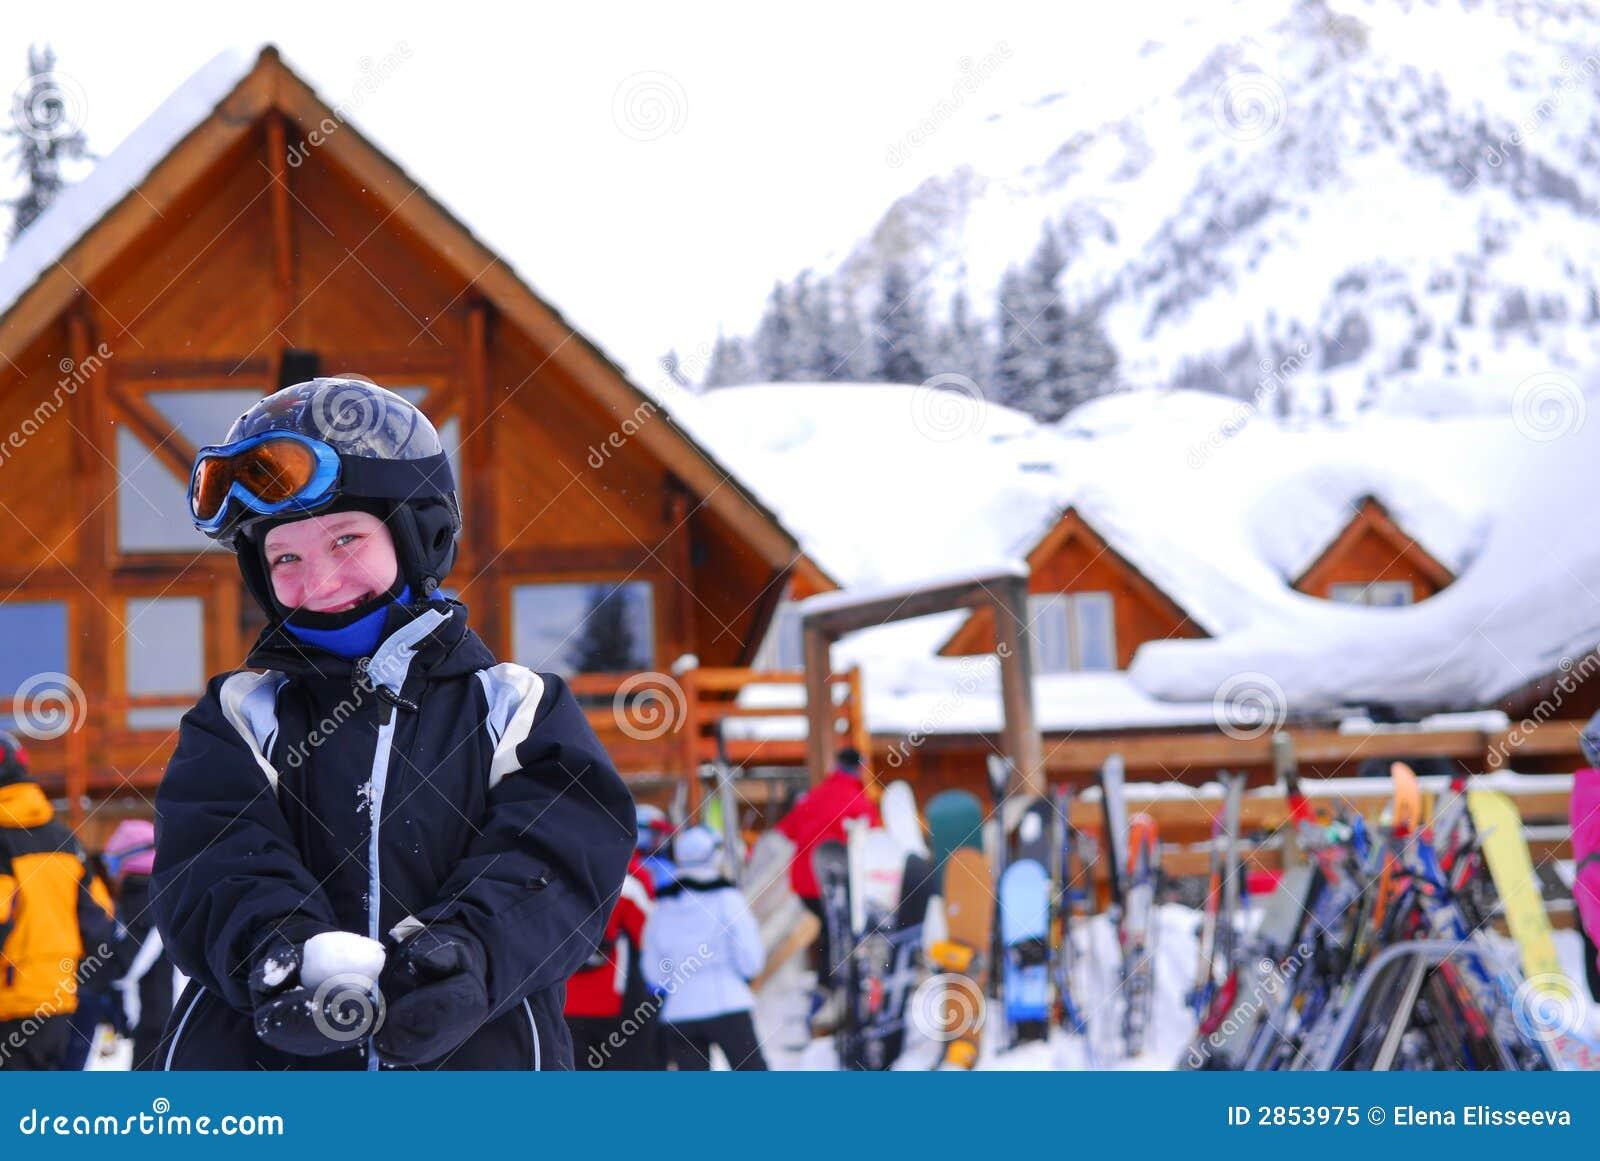 Enfant à la station de sports d hiver inclinée